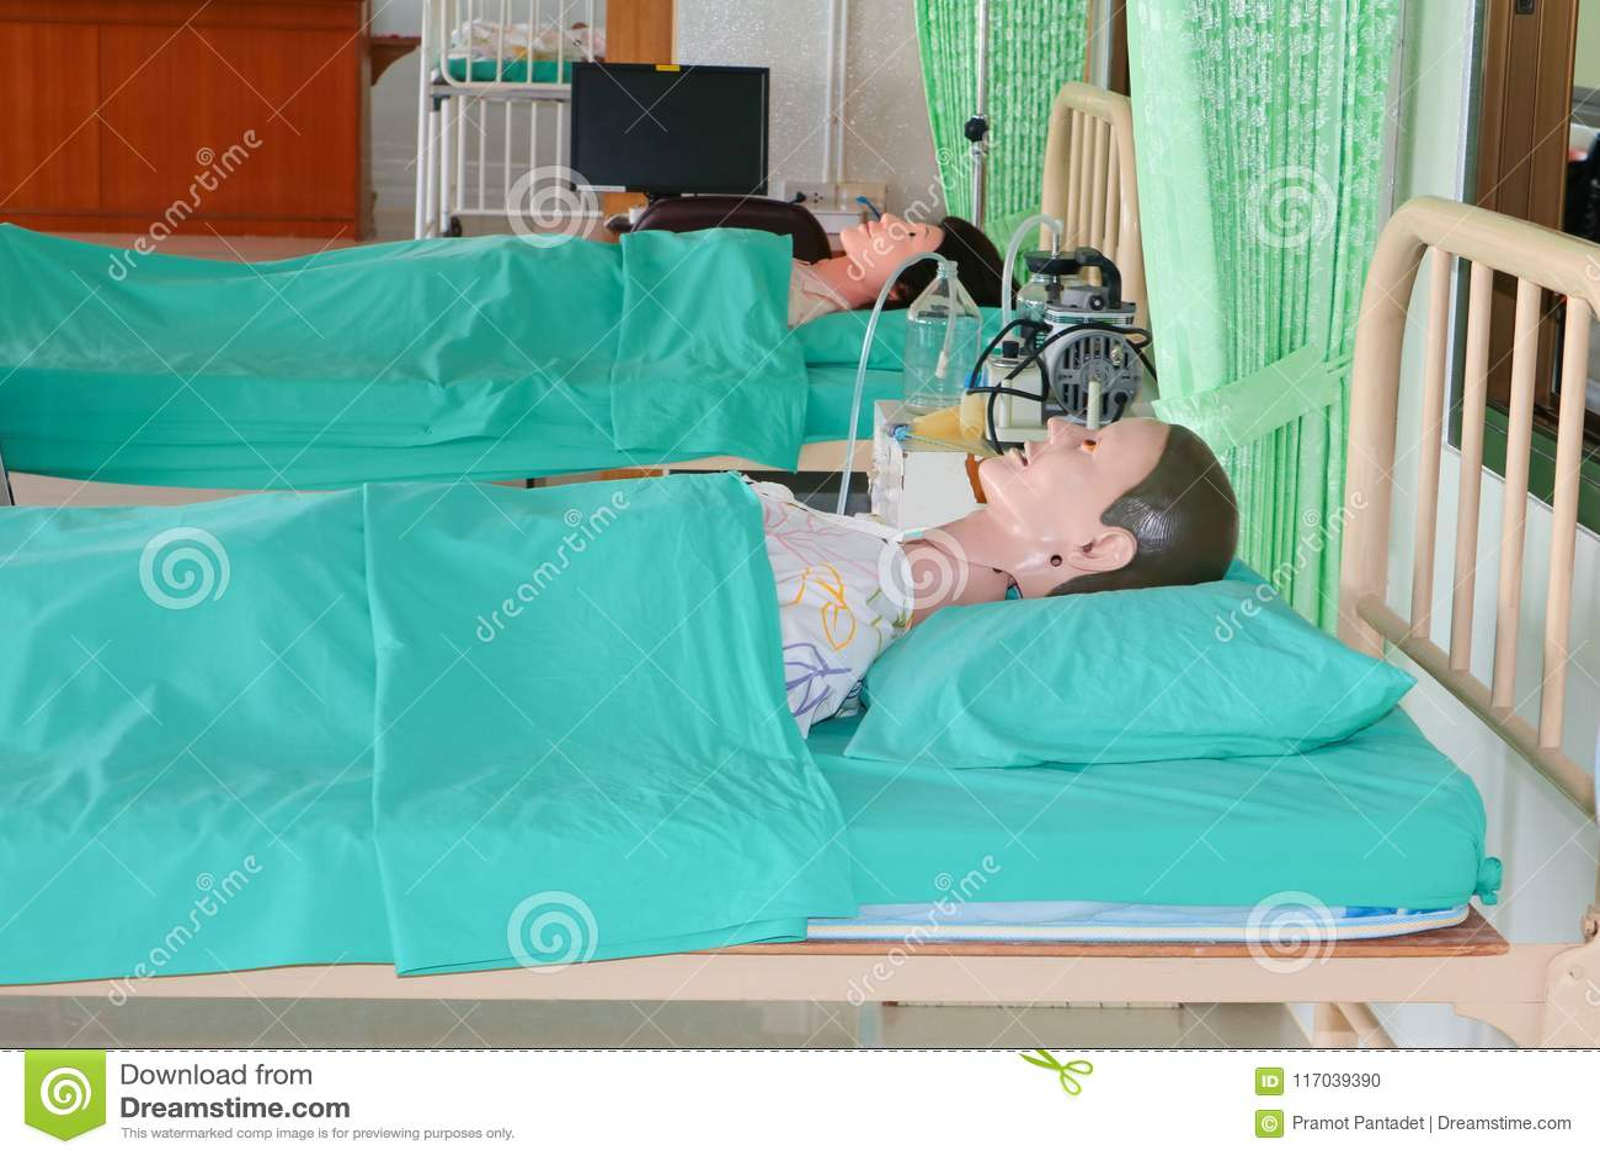 Maniquí médico en hospital, educación médica de entrenamiento del curso en cama y verde de la manta